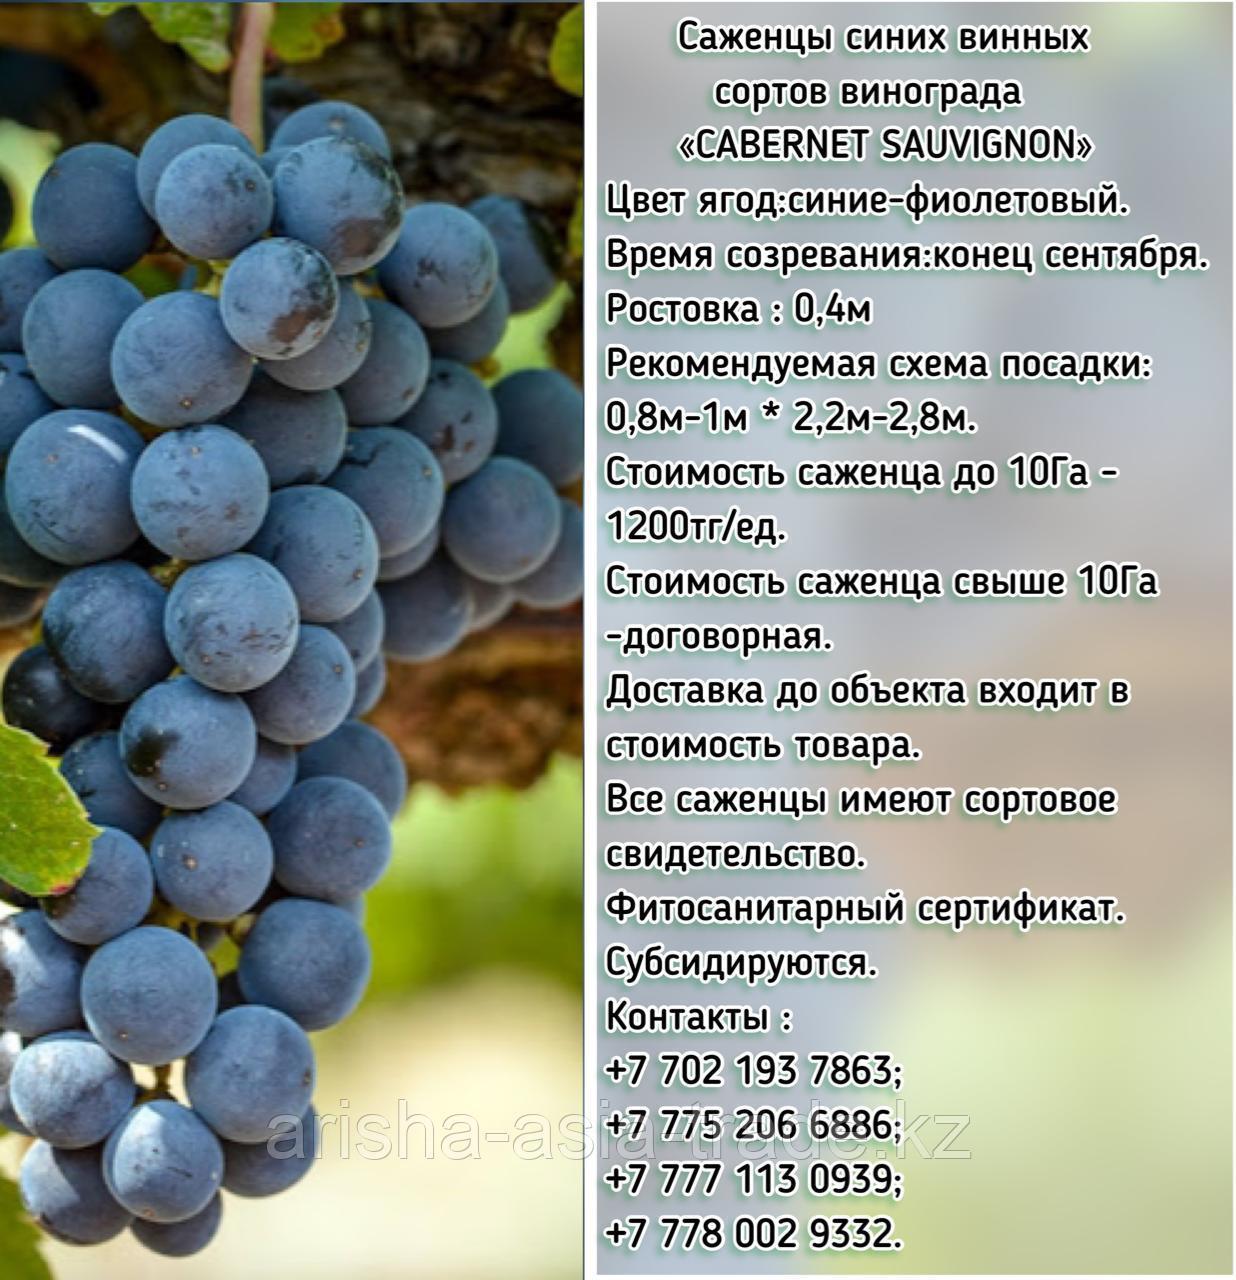 """Саженец винограда синий винный """"Cabernet Sauvignon"""" ( Каберне-совиньон) Сербия"""